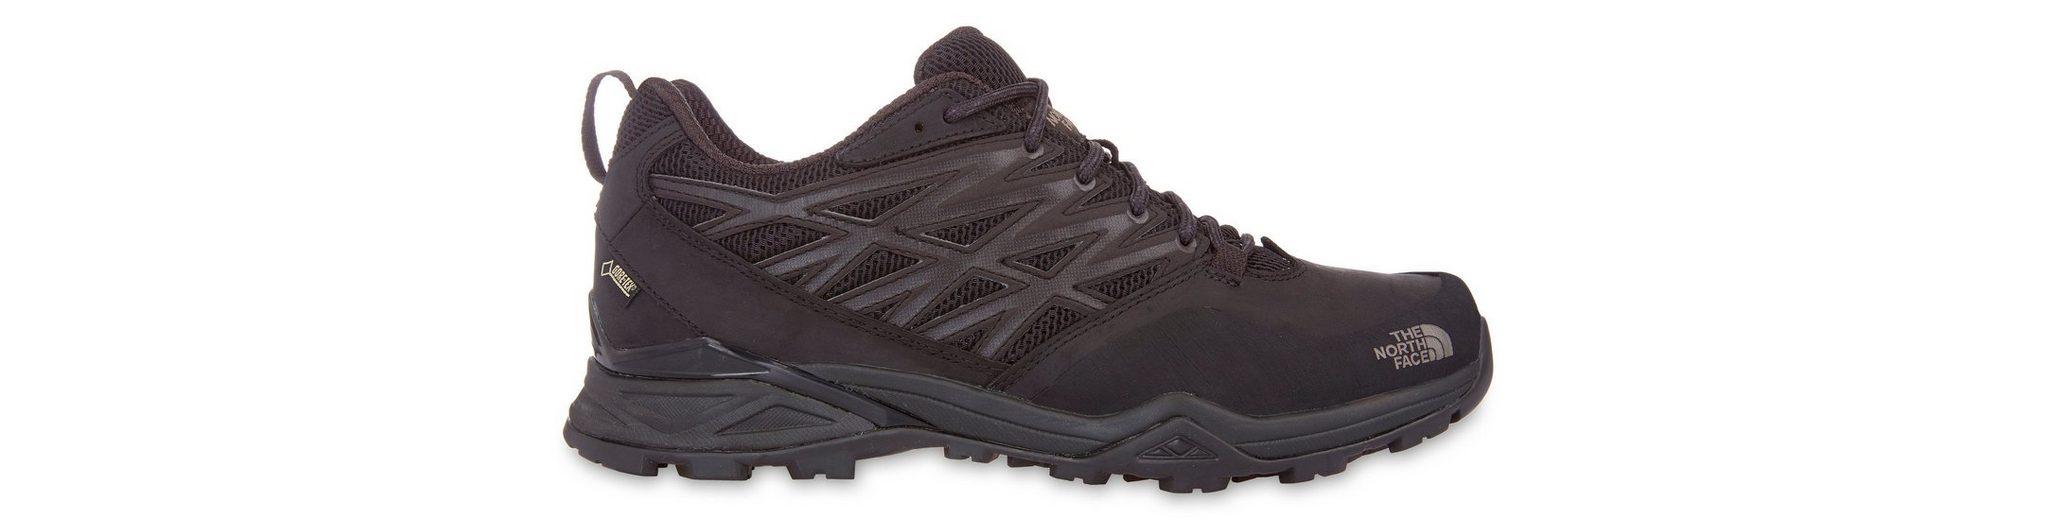 Verkauf Neueste Rabatt Visum Zahlung The North Face Kletterschuh Hedgehog Hike GTX Shoes Men Günstiger Preis Niedrig Versandgebühr Verkauf Original Versand Outlet-Store Online f9fzZyIE